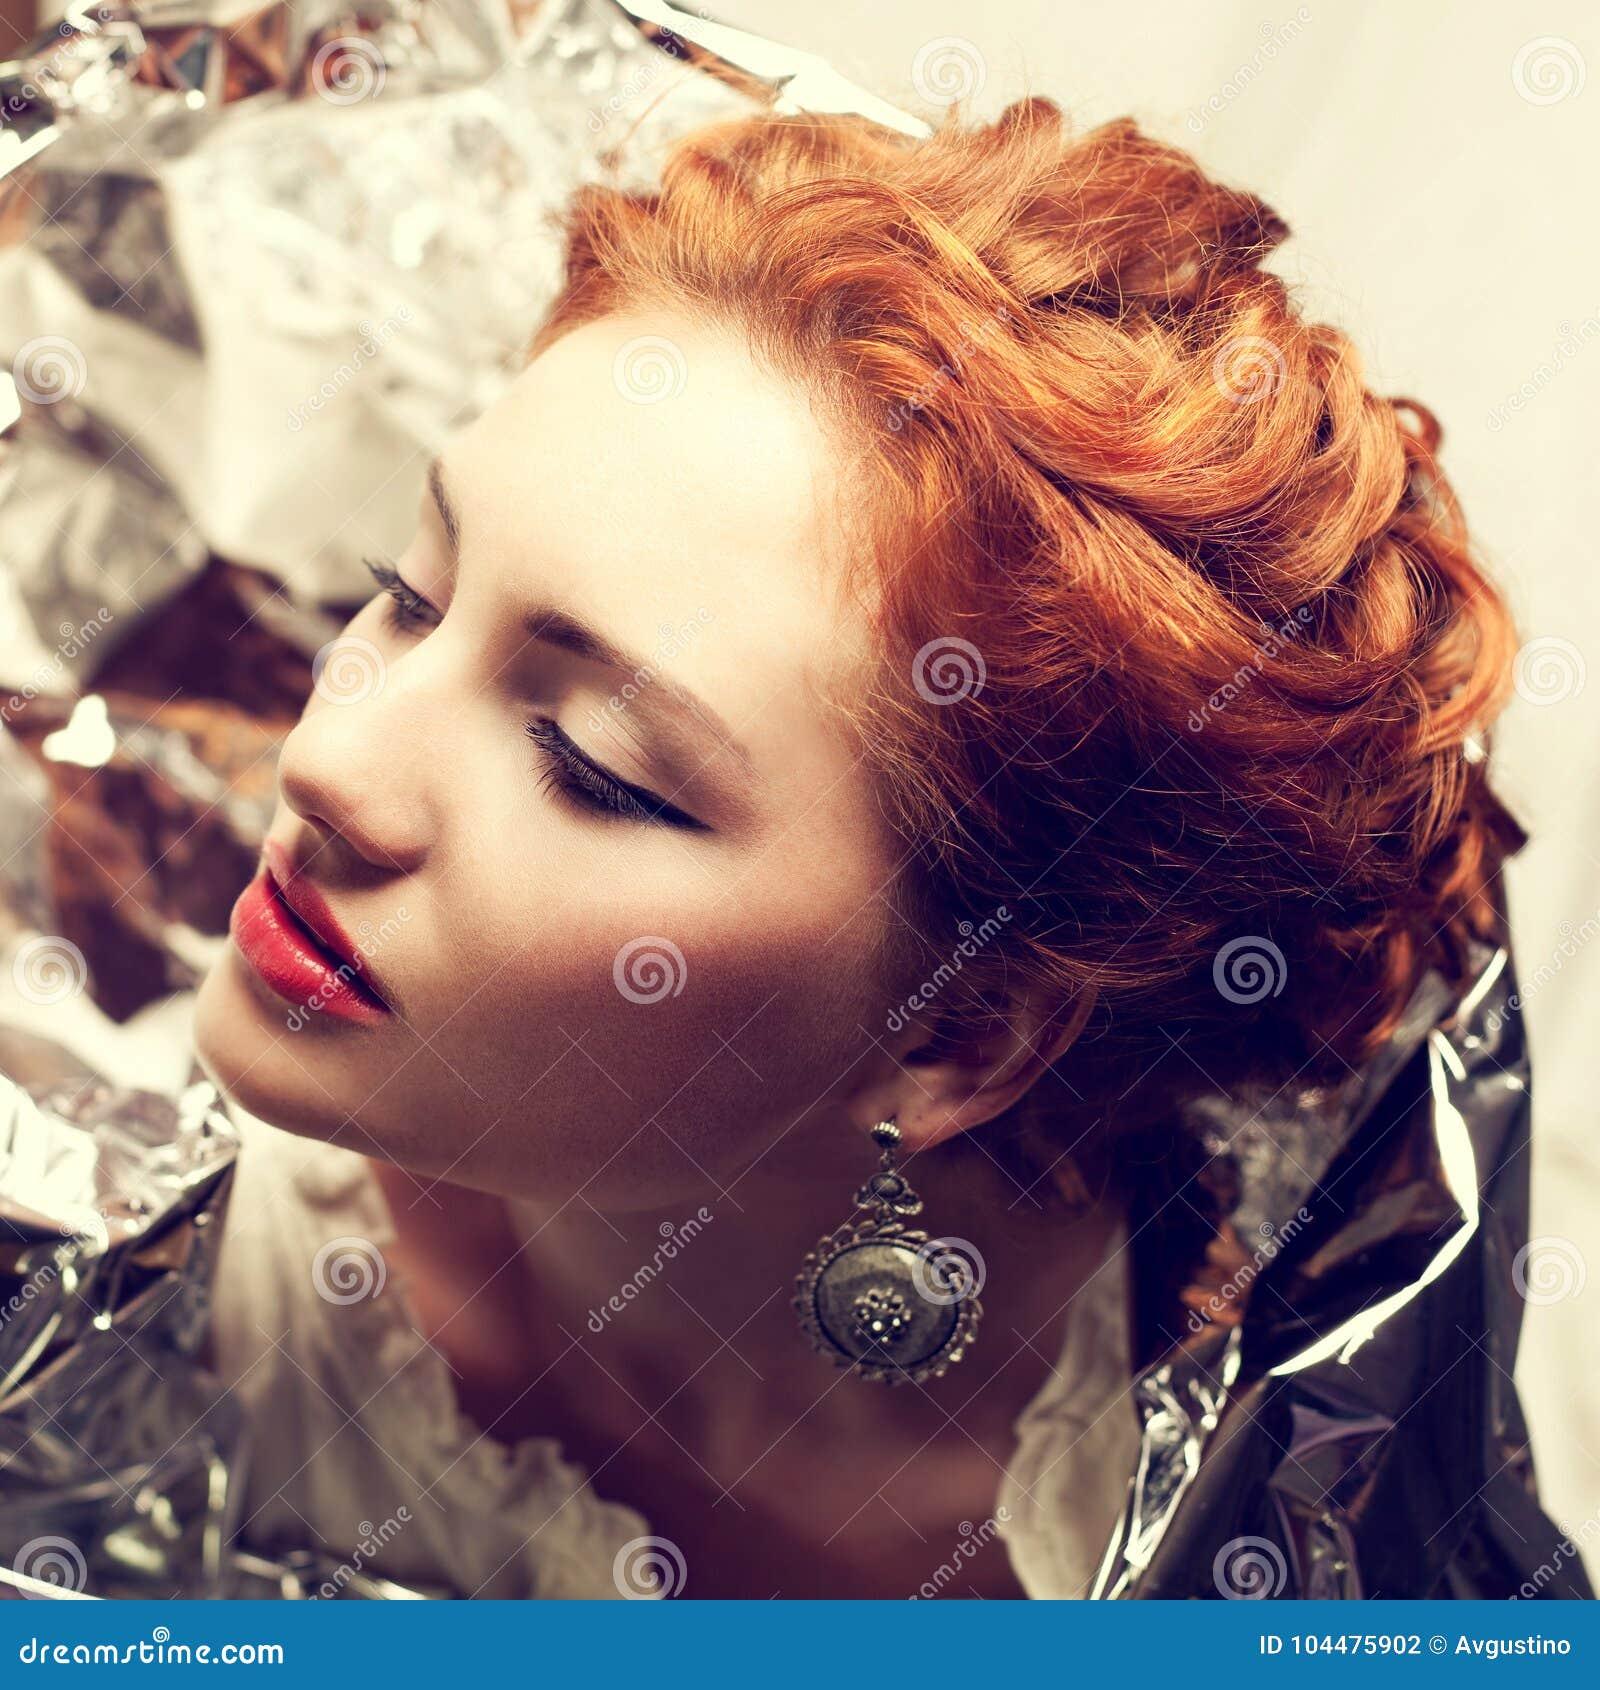 Претендующий на тонкий вкус портрет модного похожего на ферз рыжеволосого ферзя